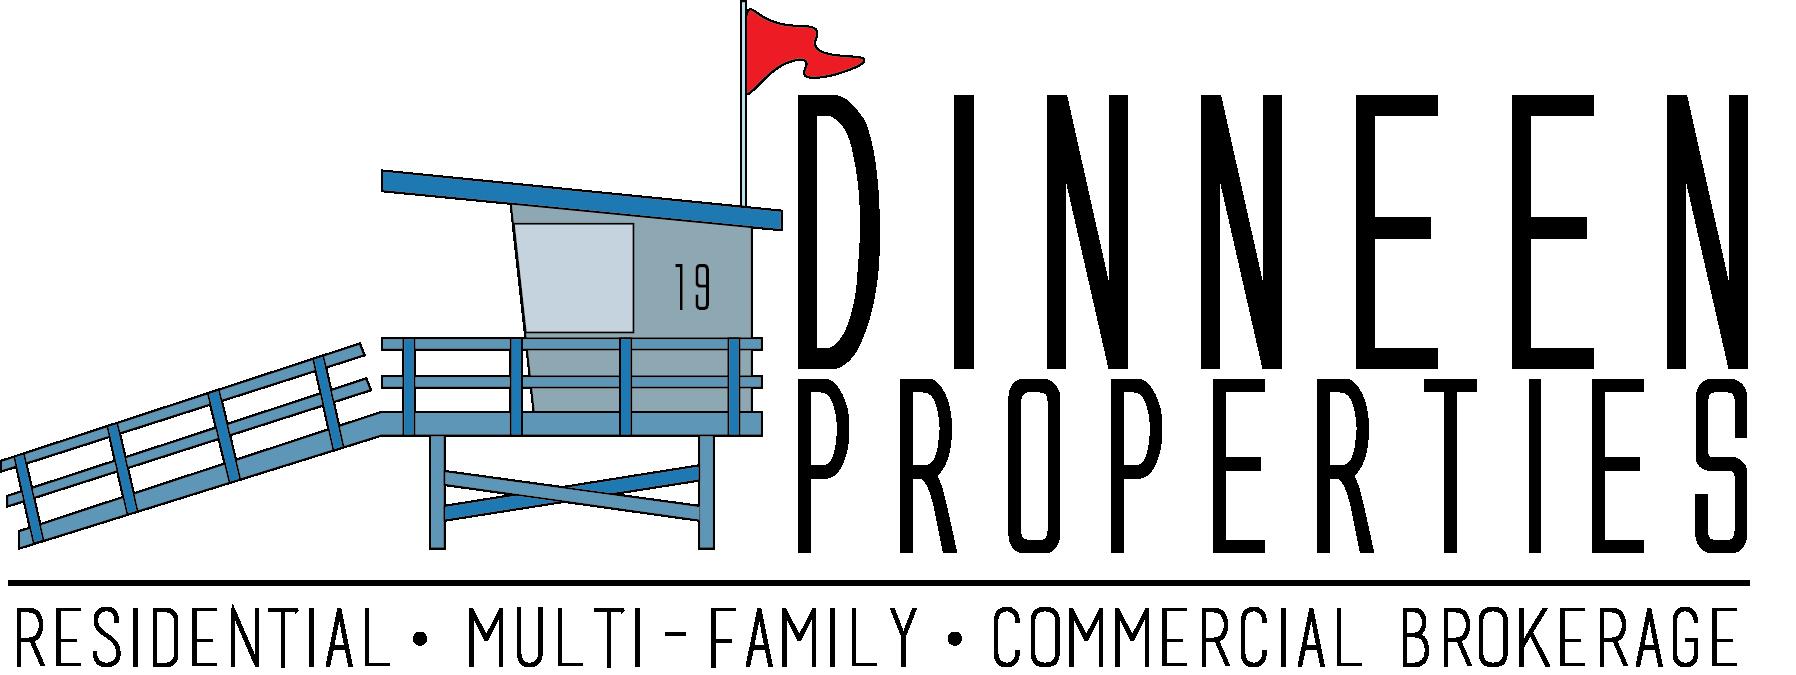 DINNEEN PROPERTIES